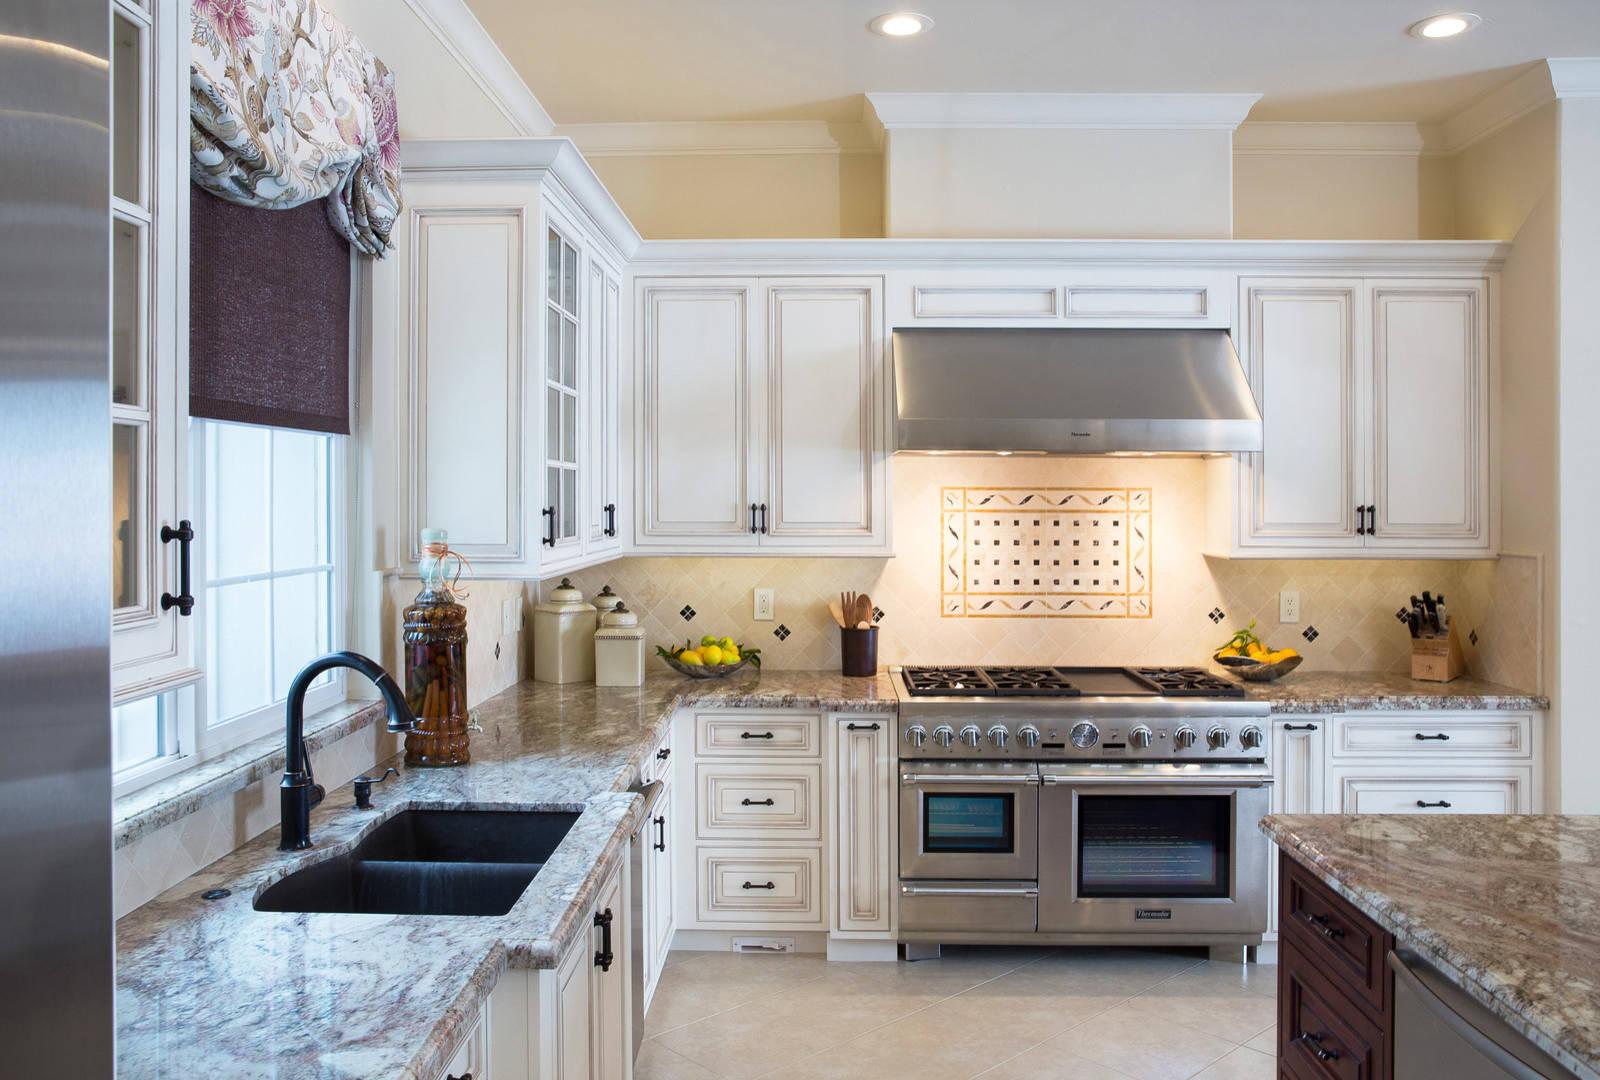 10 Unique Crown Molding Ideas For Kitchen color ideas for crown molding my ideal home 2021